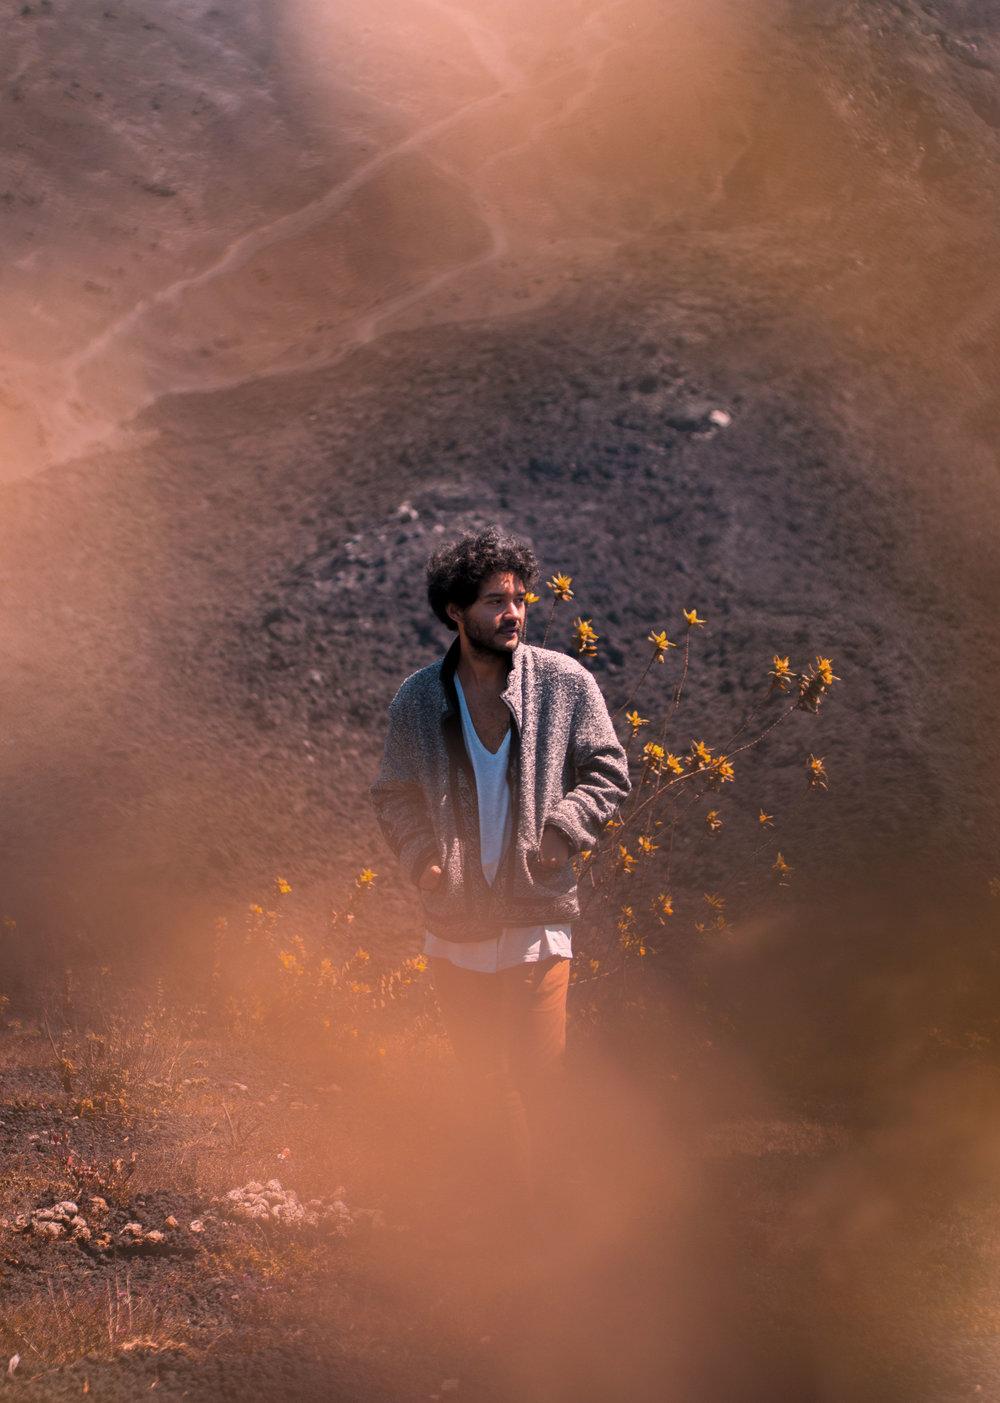 Di Laif - Di Laifes un músico y productor de Antigua Guatemala. Con su música, una mezcla de electrónica y elementos de todas partes del mundo,ha llevado a hipnotizar pistas de baile de los festivales más grandes e importantes de Guatemala como el Cosmic Convergence y Semana de Música Avanzada. Parte del colectivo Mazukamba Beatsque se enfoca en prender las pistas de baile con su mezcla de géneros en lugares como Antigua Guatemala, Ciudad de Guatemala, Panajachel y El Paredon Escuintla.Habiendo Publicado ya con uno de los sellos más importantes de la escena electrónica latinoamericana como lo es el Colectivo Shika Shika, encabezado por el artista El Búho y Barrio Lindo, este joven productor se posiciona en la vanguardia de la musica y pronto publicará un EP con QTZLCTL.